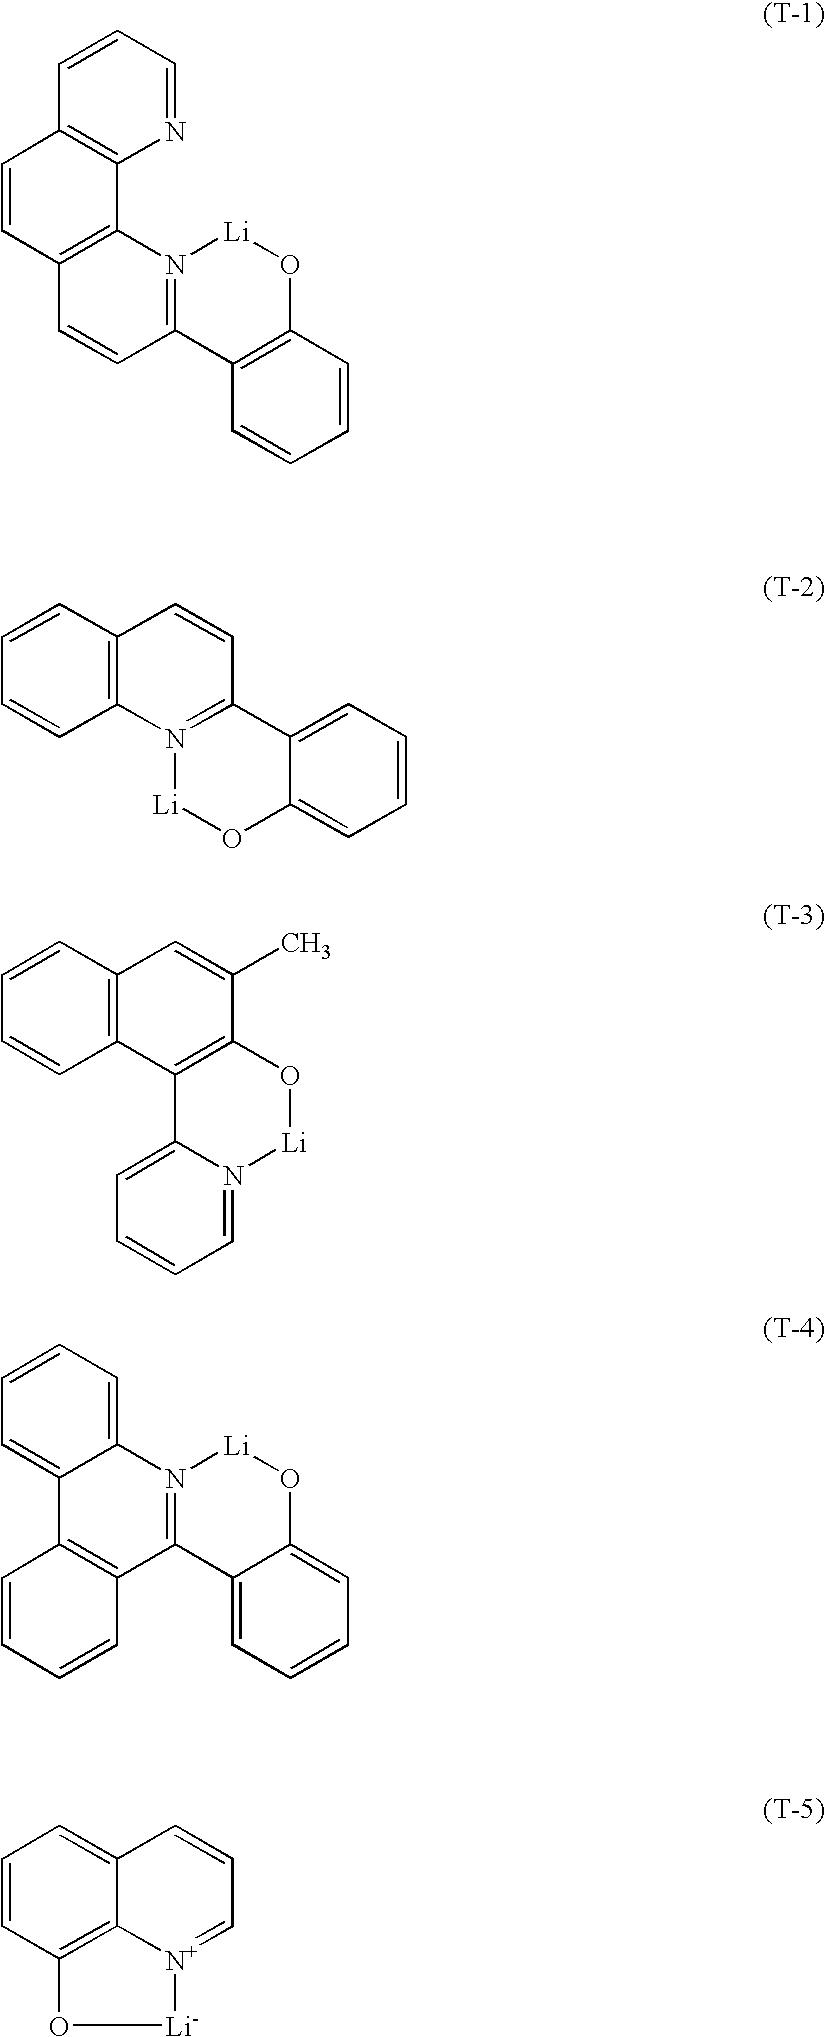 Figure US20090191427A1-20090730-C00074